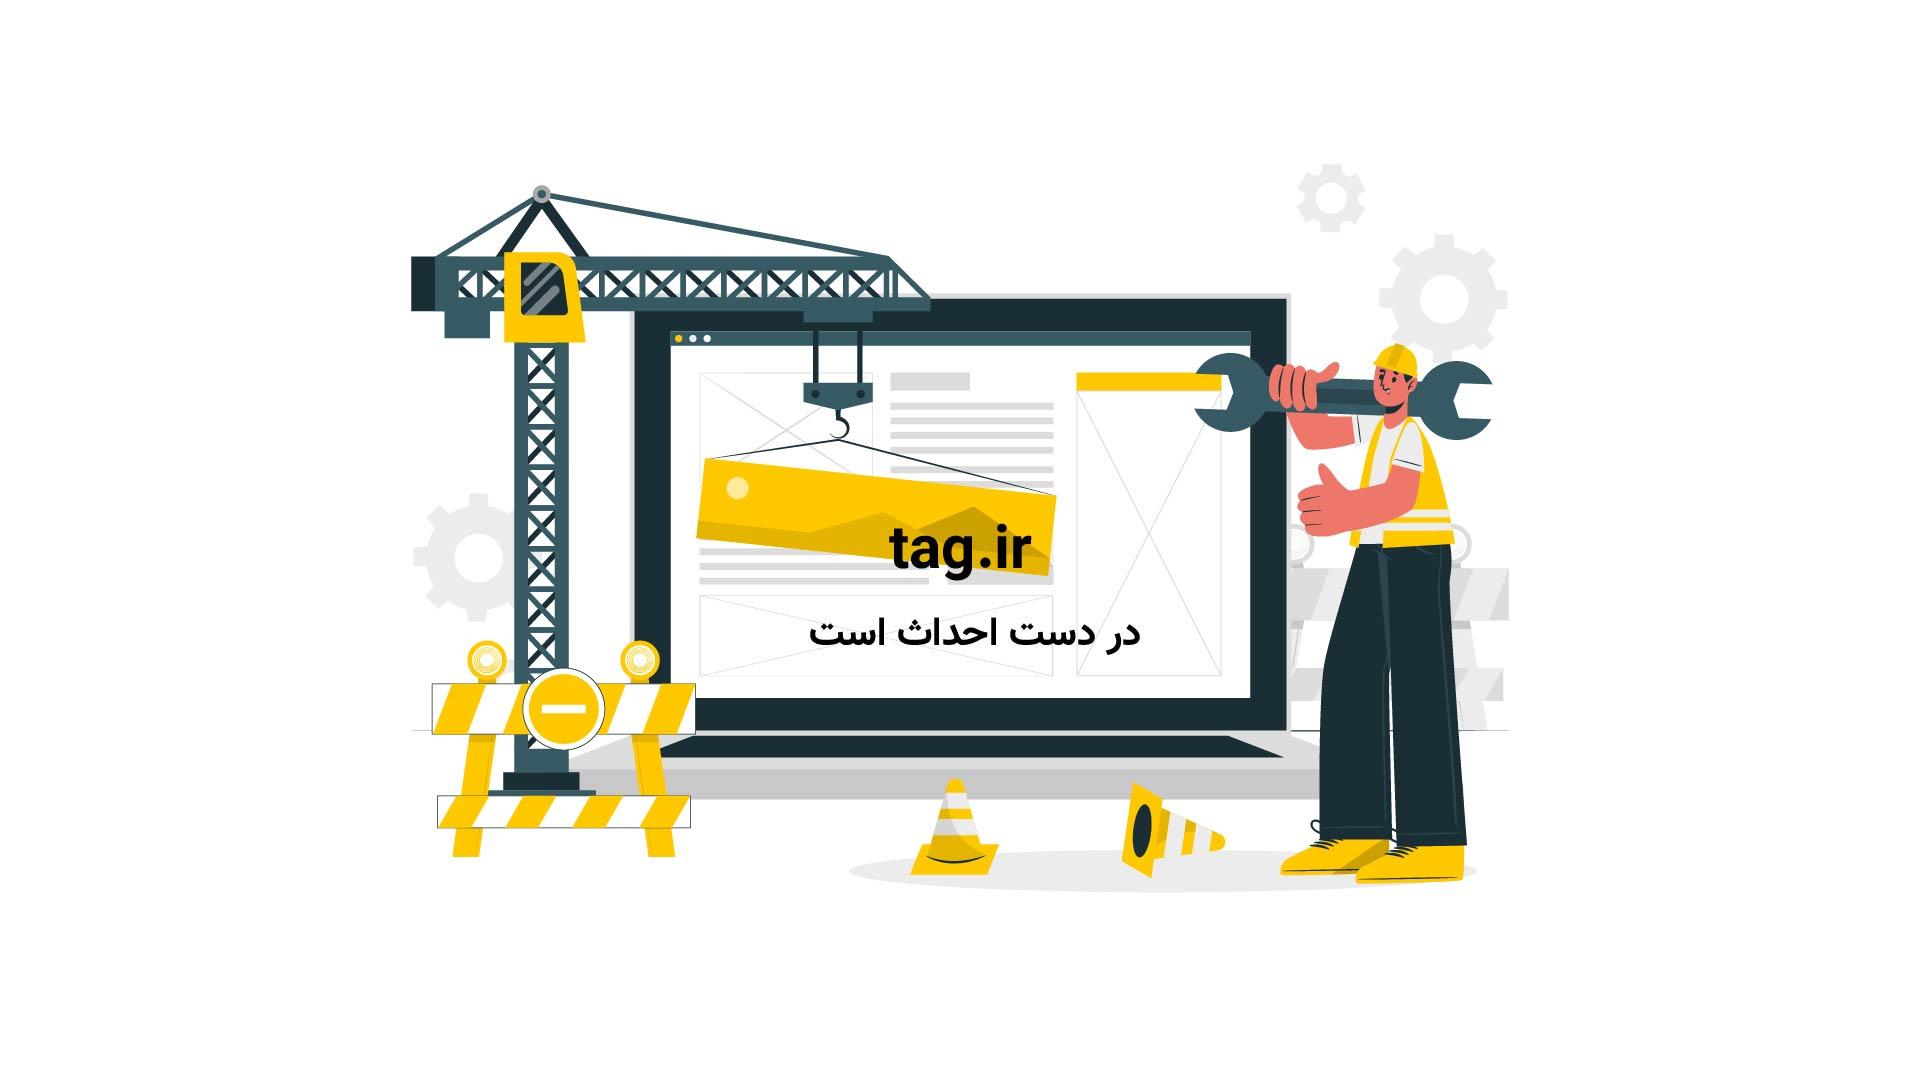 سقوط هواپيما در فرودگاه آتاتورک استانبول | فیلم